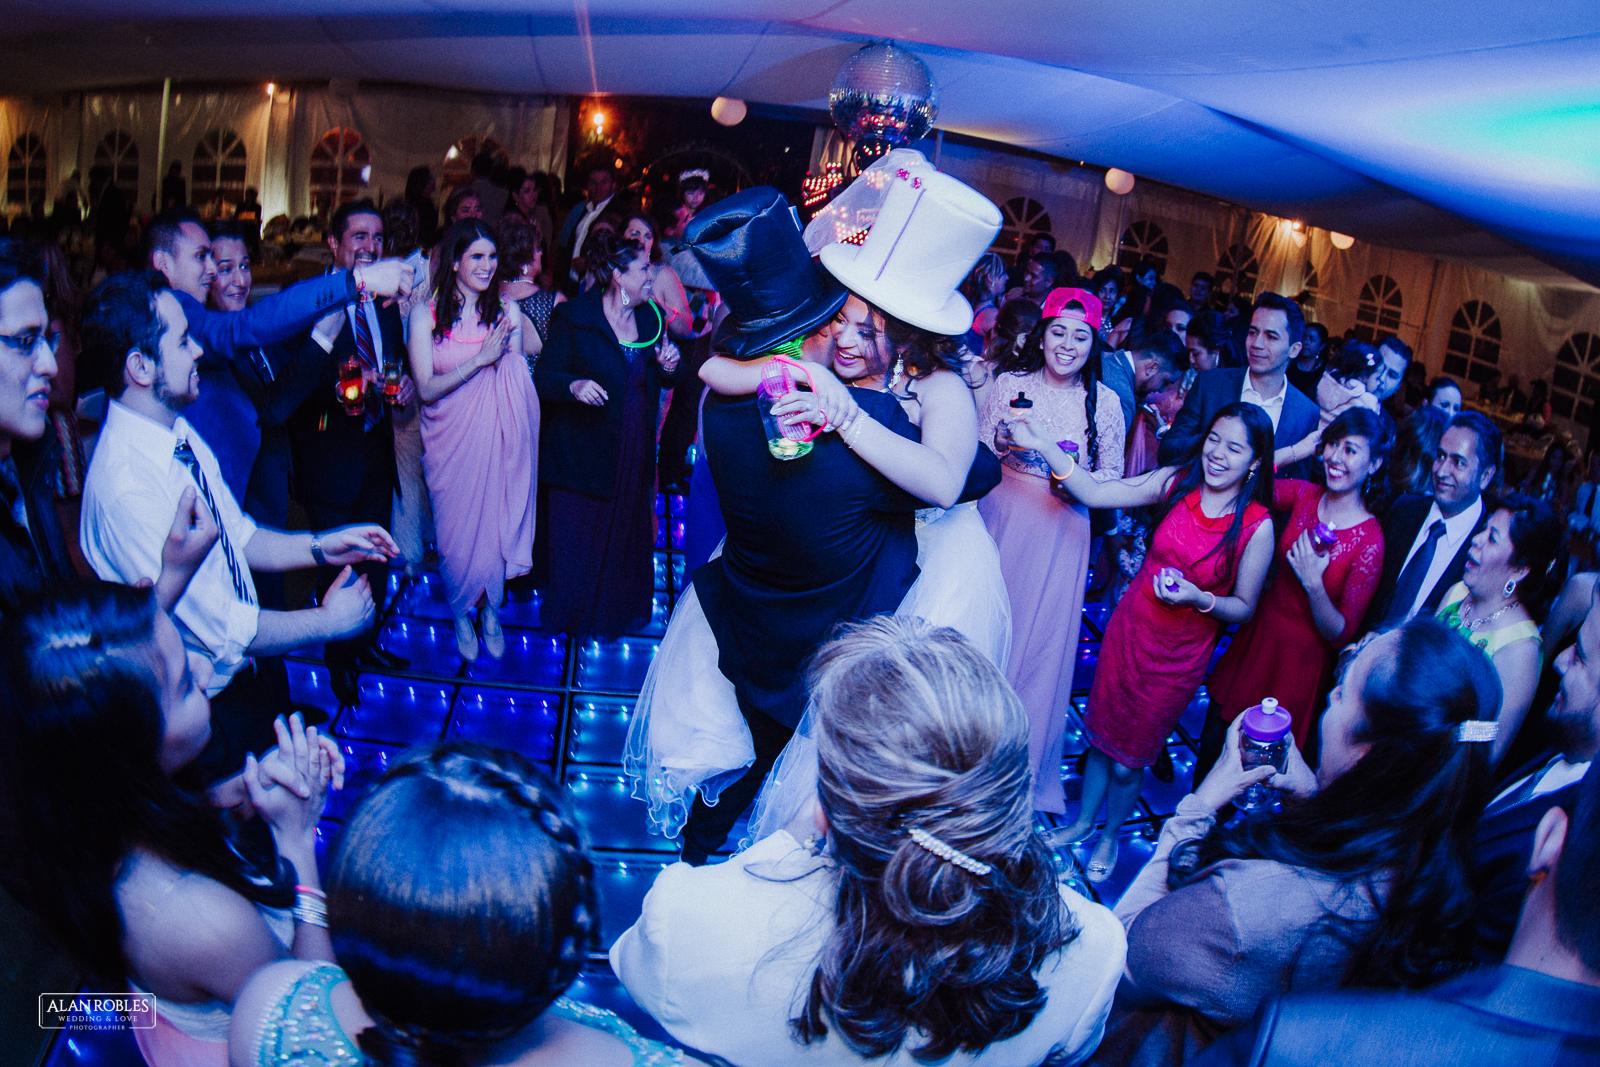 Fotografo de bodas Alan Robles-Michoacan-85